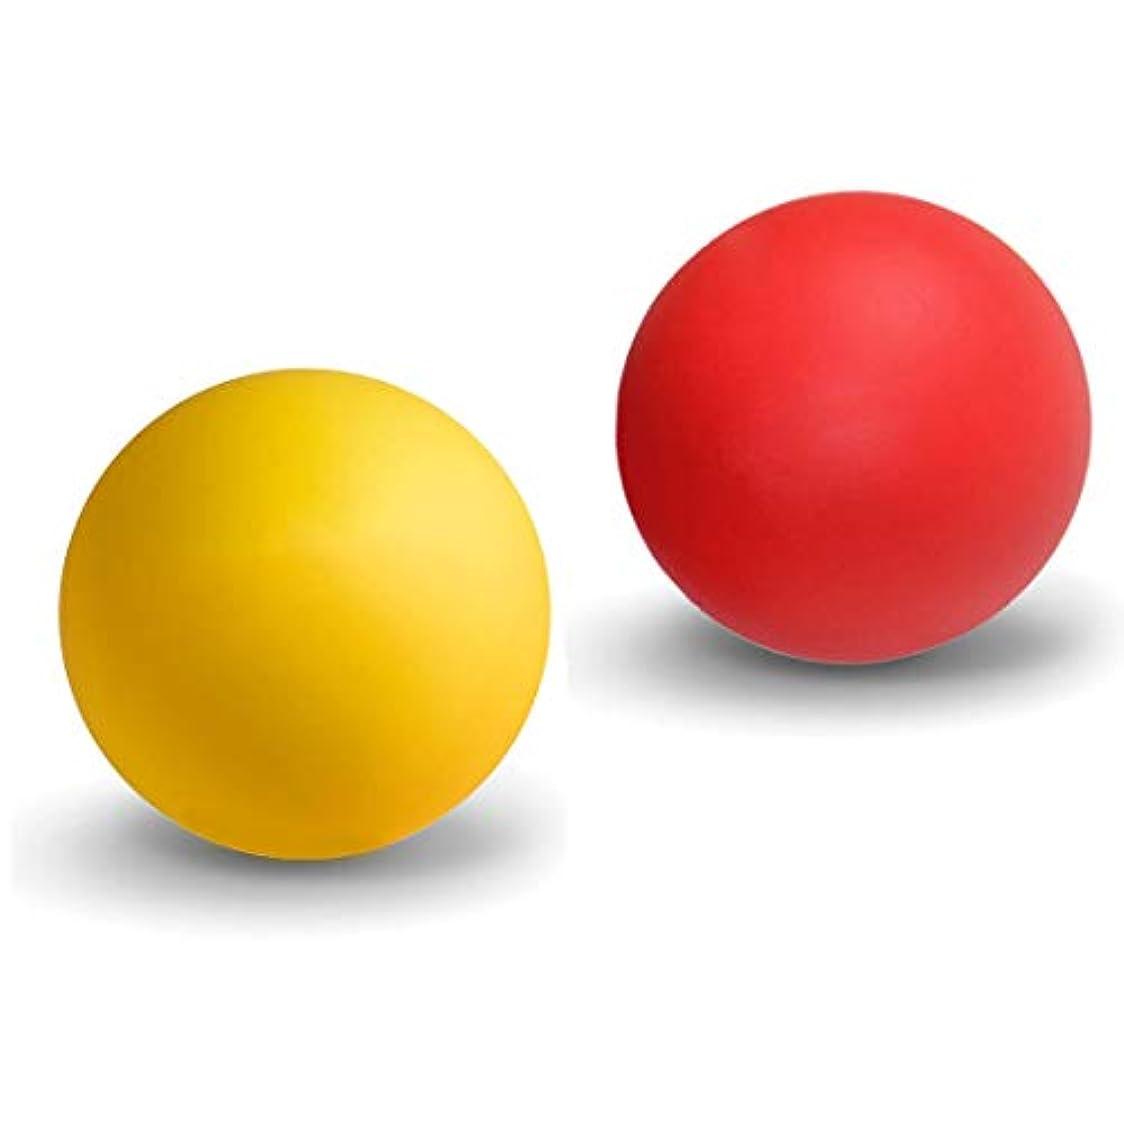 結果として区別急性マッサージボール ストレッチボール トリガーポイント ラクロスボール 筋膜リリース トレーニング 指圧ボールマッスルマッサージボール 背中 肩こり 腰 ふくらはぎ 足裏 ツボ押しグッズ 2で1組み合わせ 2個 セット